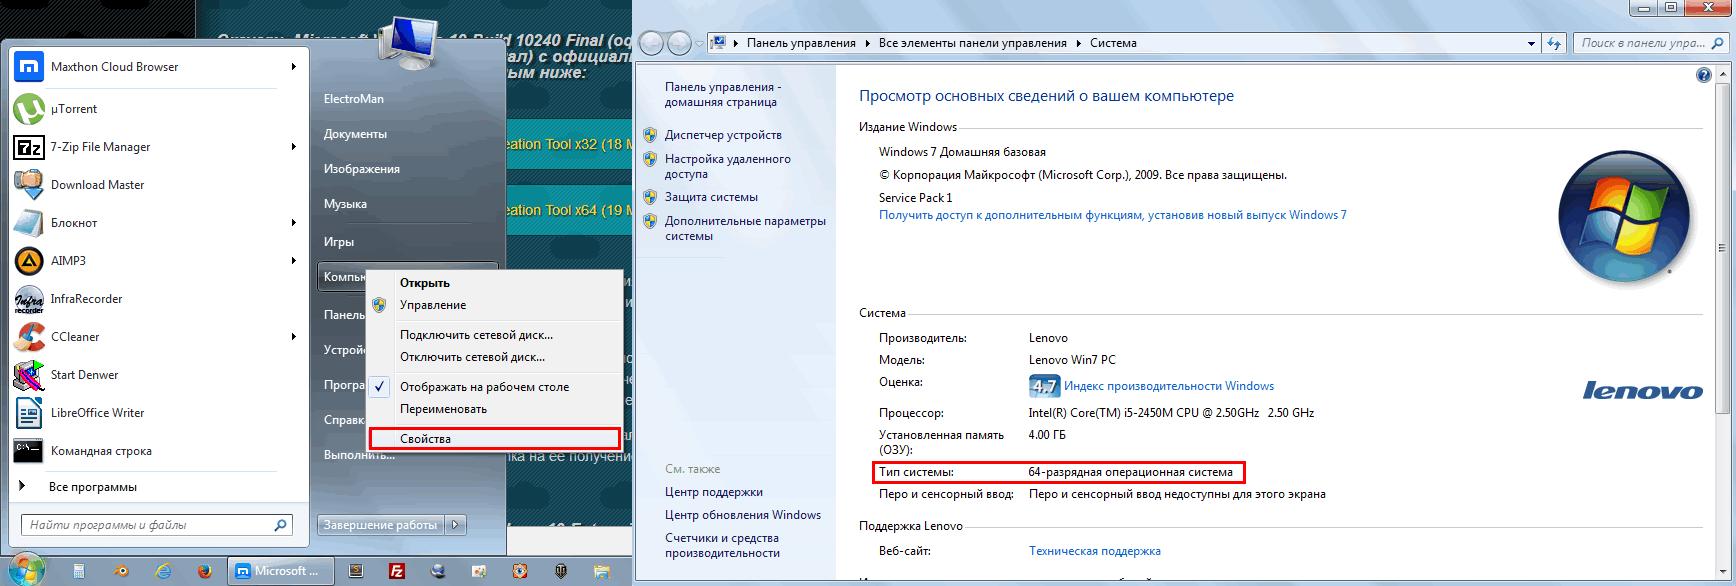 Определяем разрядность установленной версии Windows